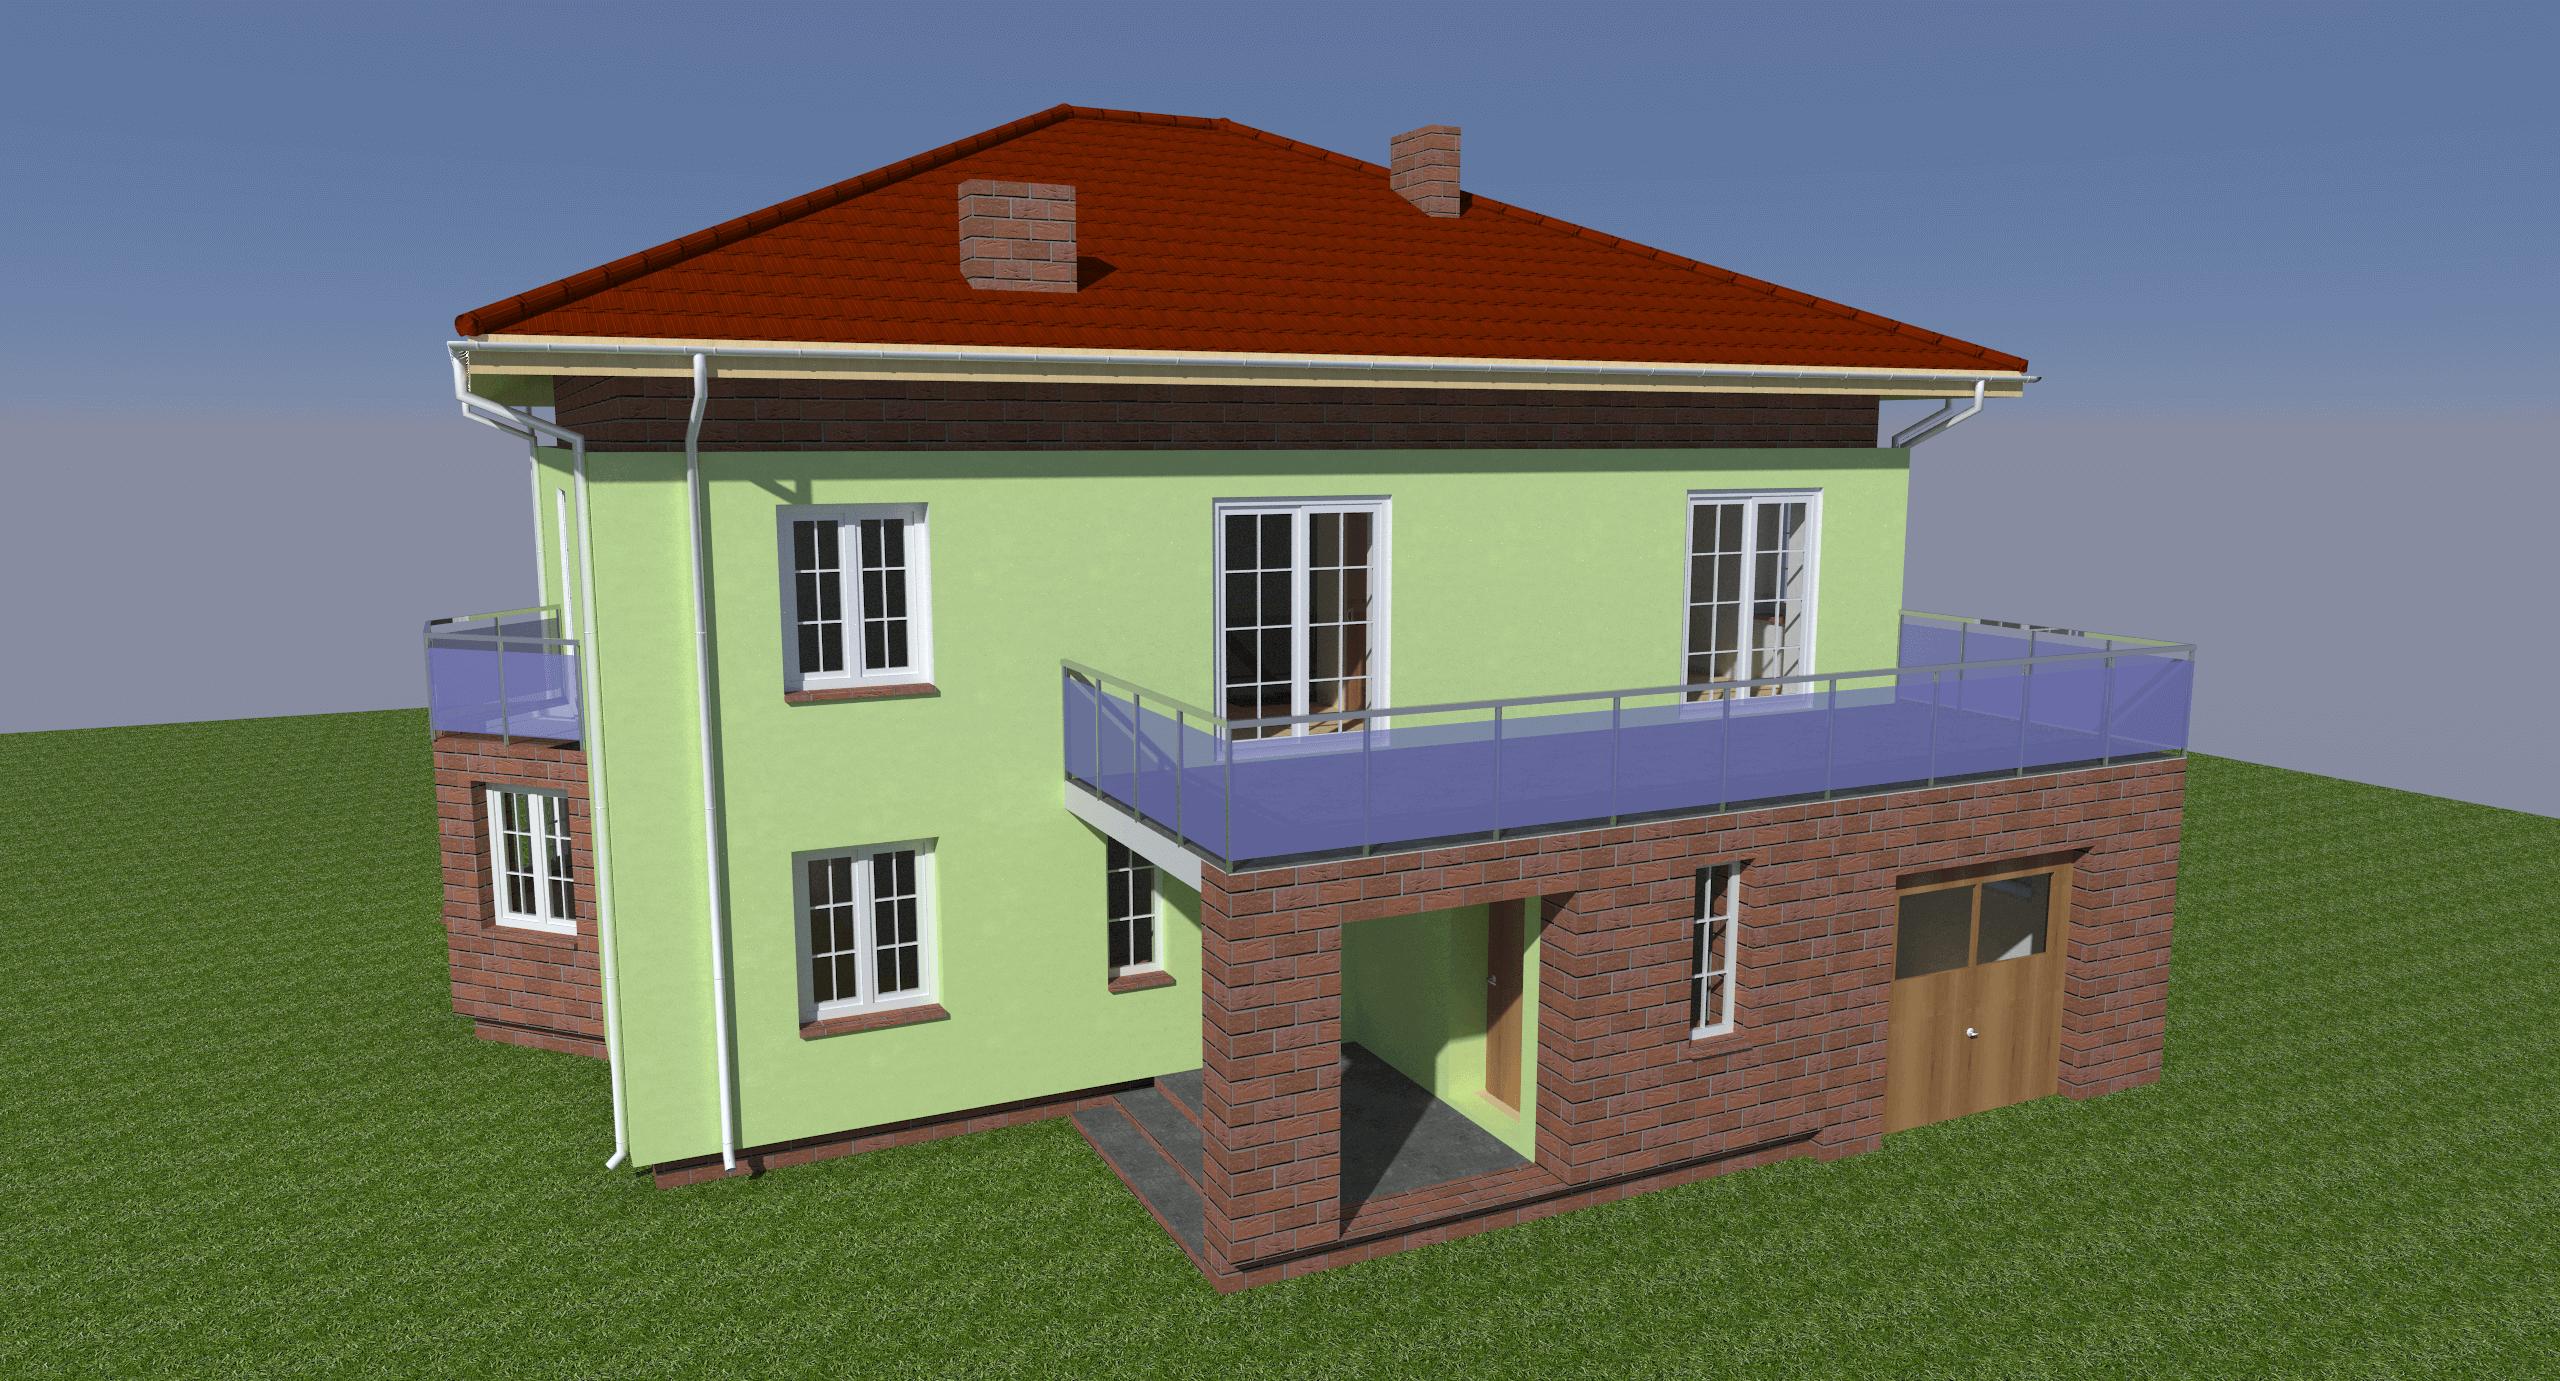 Ein erstelltes 3D Rendering von einem Einfamilienhaus